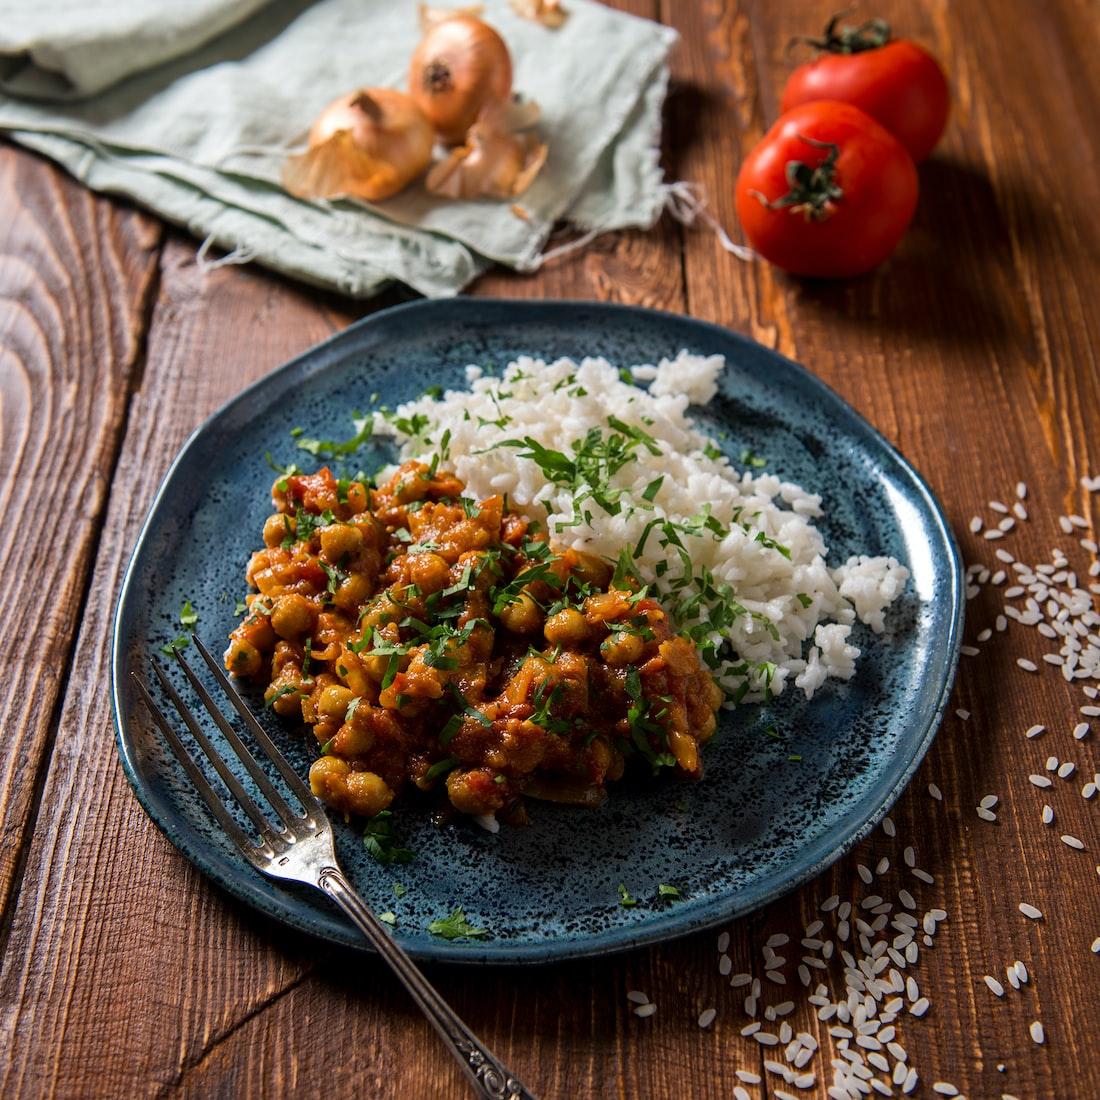 Punjabi chhole with rice